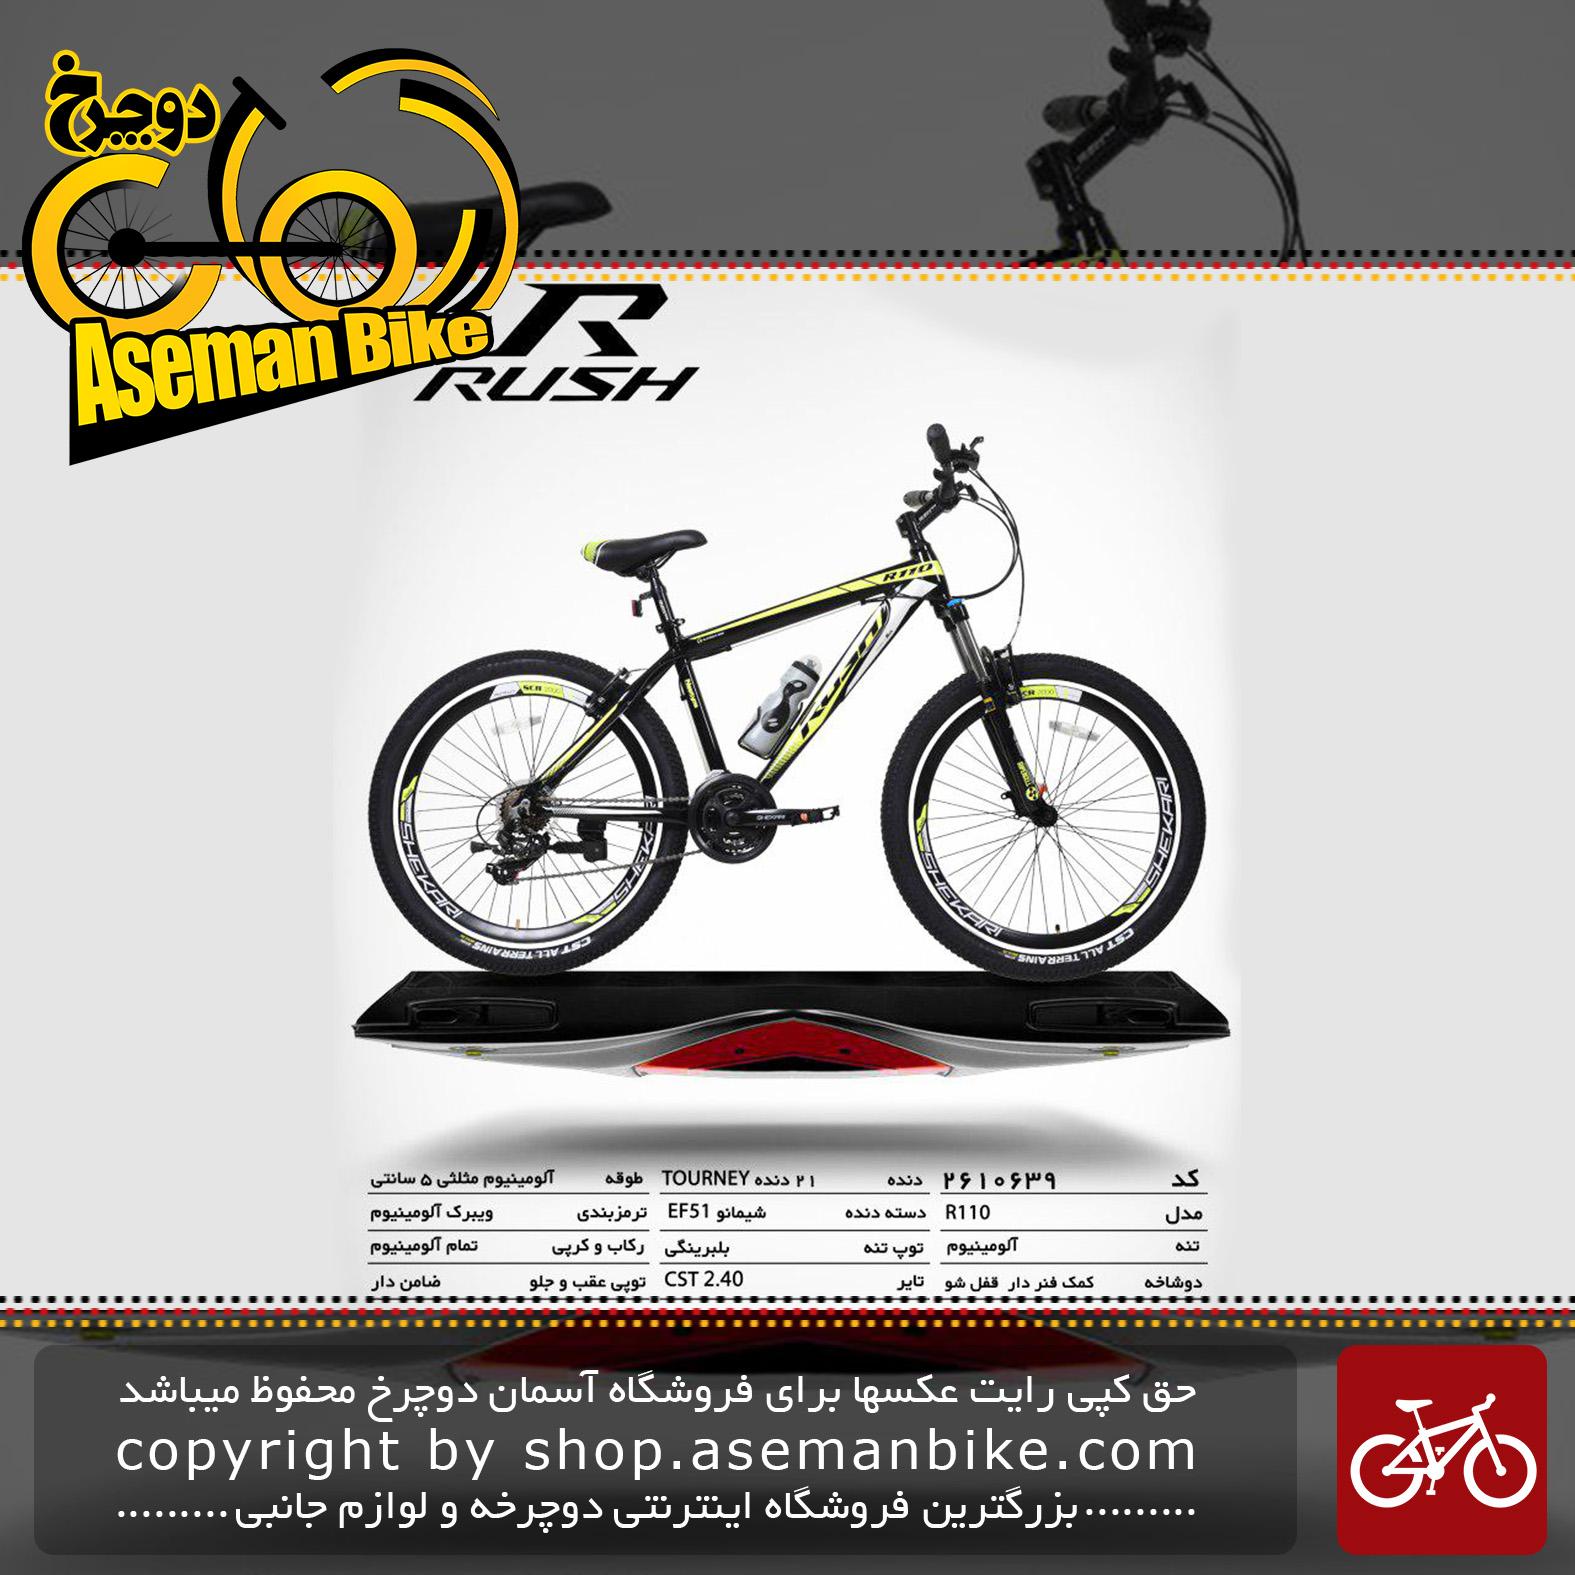 دوچرخه کوهستان شهری راش 21 دنده شیمانو تورنی مدل آر 110 سایز 26تنه آلمینیوم ساخت تایوانrush bicycle 26 21 speed shimano tourney aluminum vb r110 2019